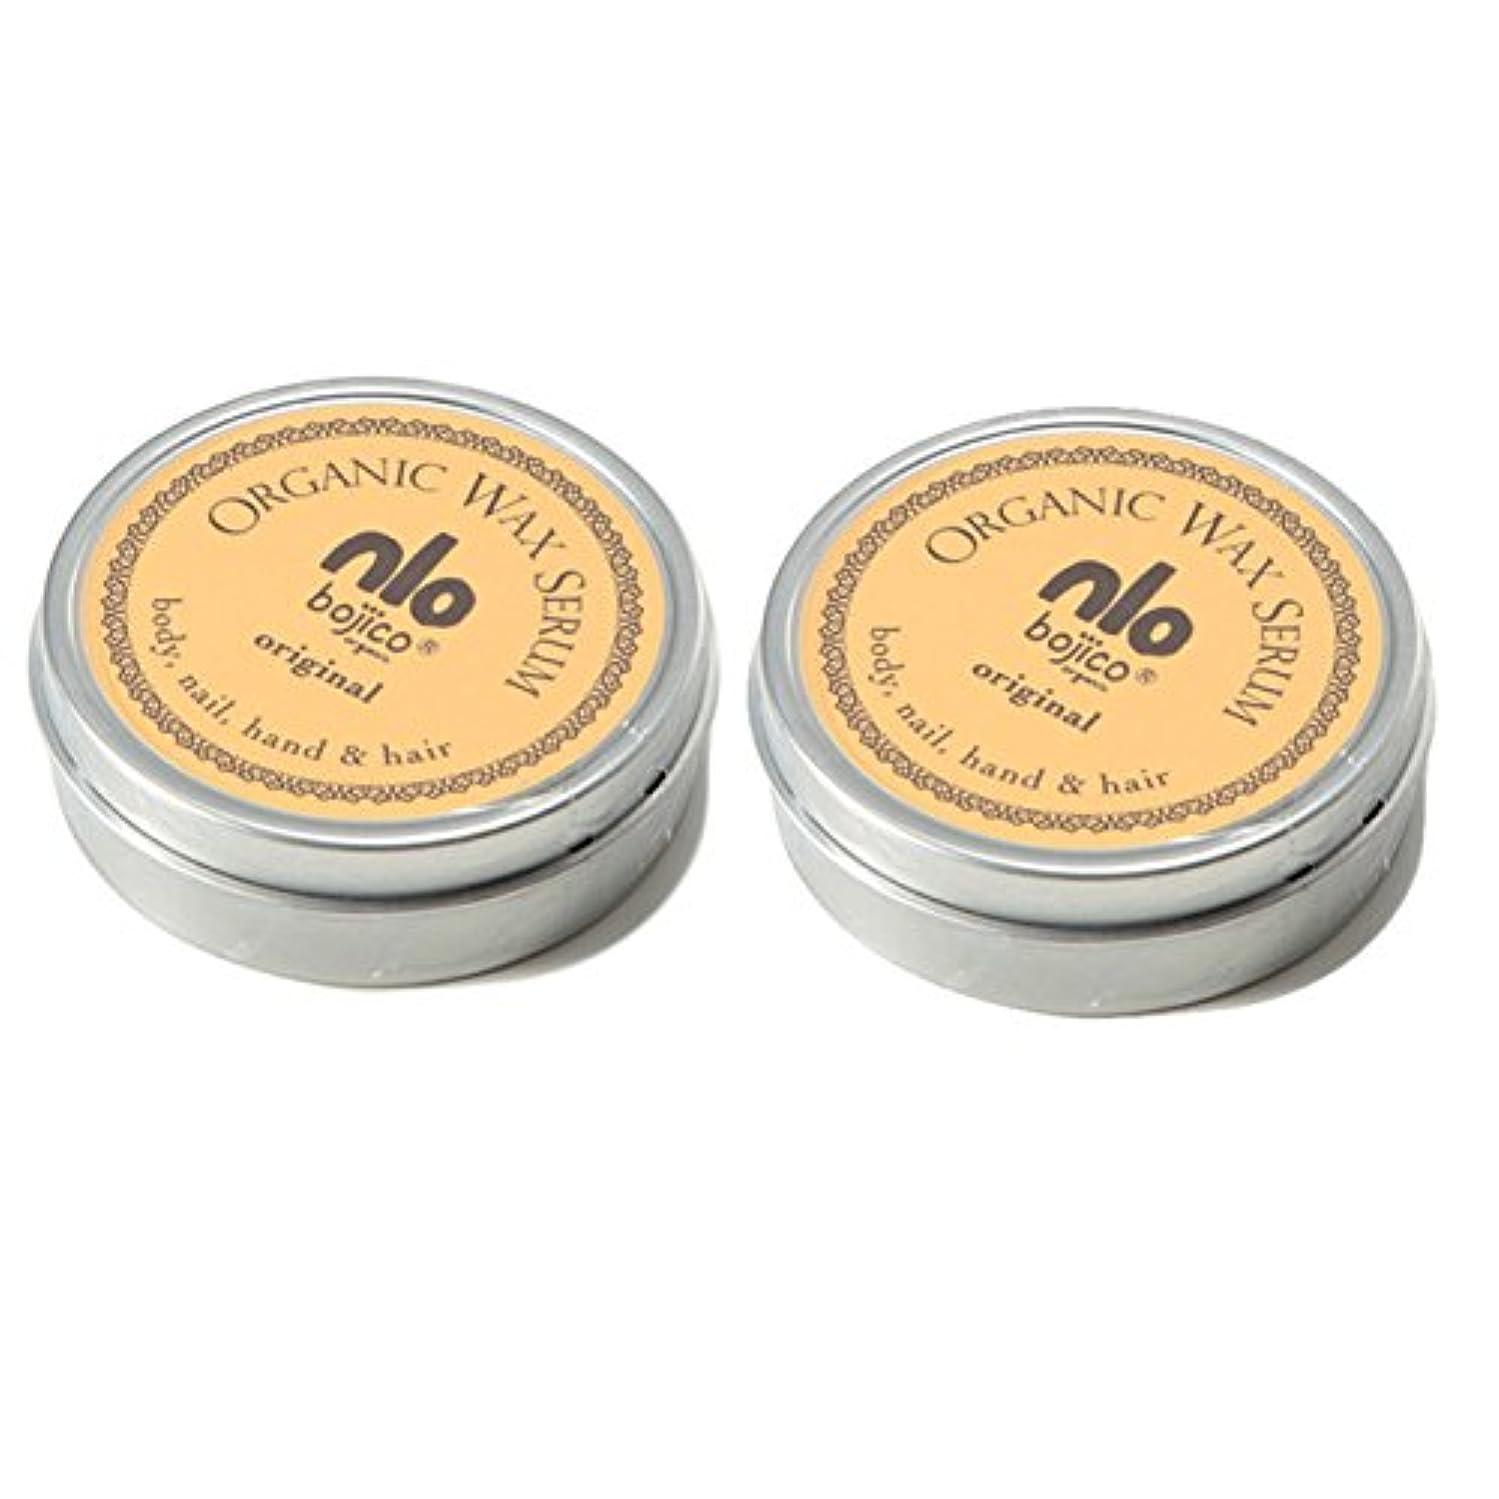 コンテンツ感嘆太平洋諸島【40g×2個セット】 ボジコ オーガニック ワックス セラム<オリジナル> bojico Organic Wax Serum 40g×2